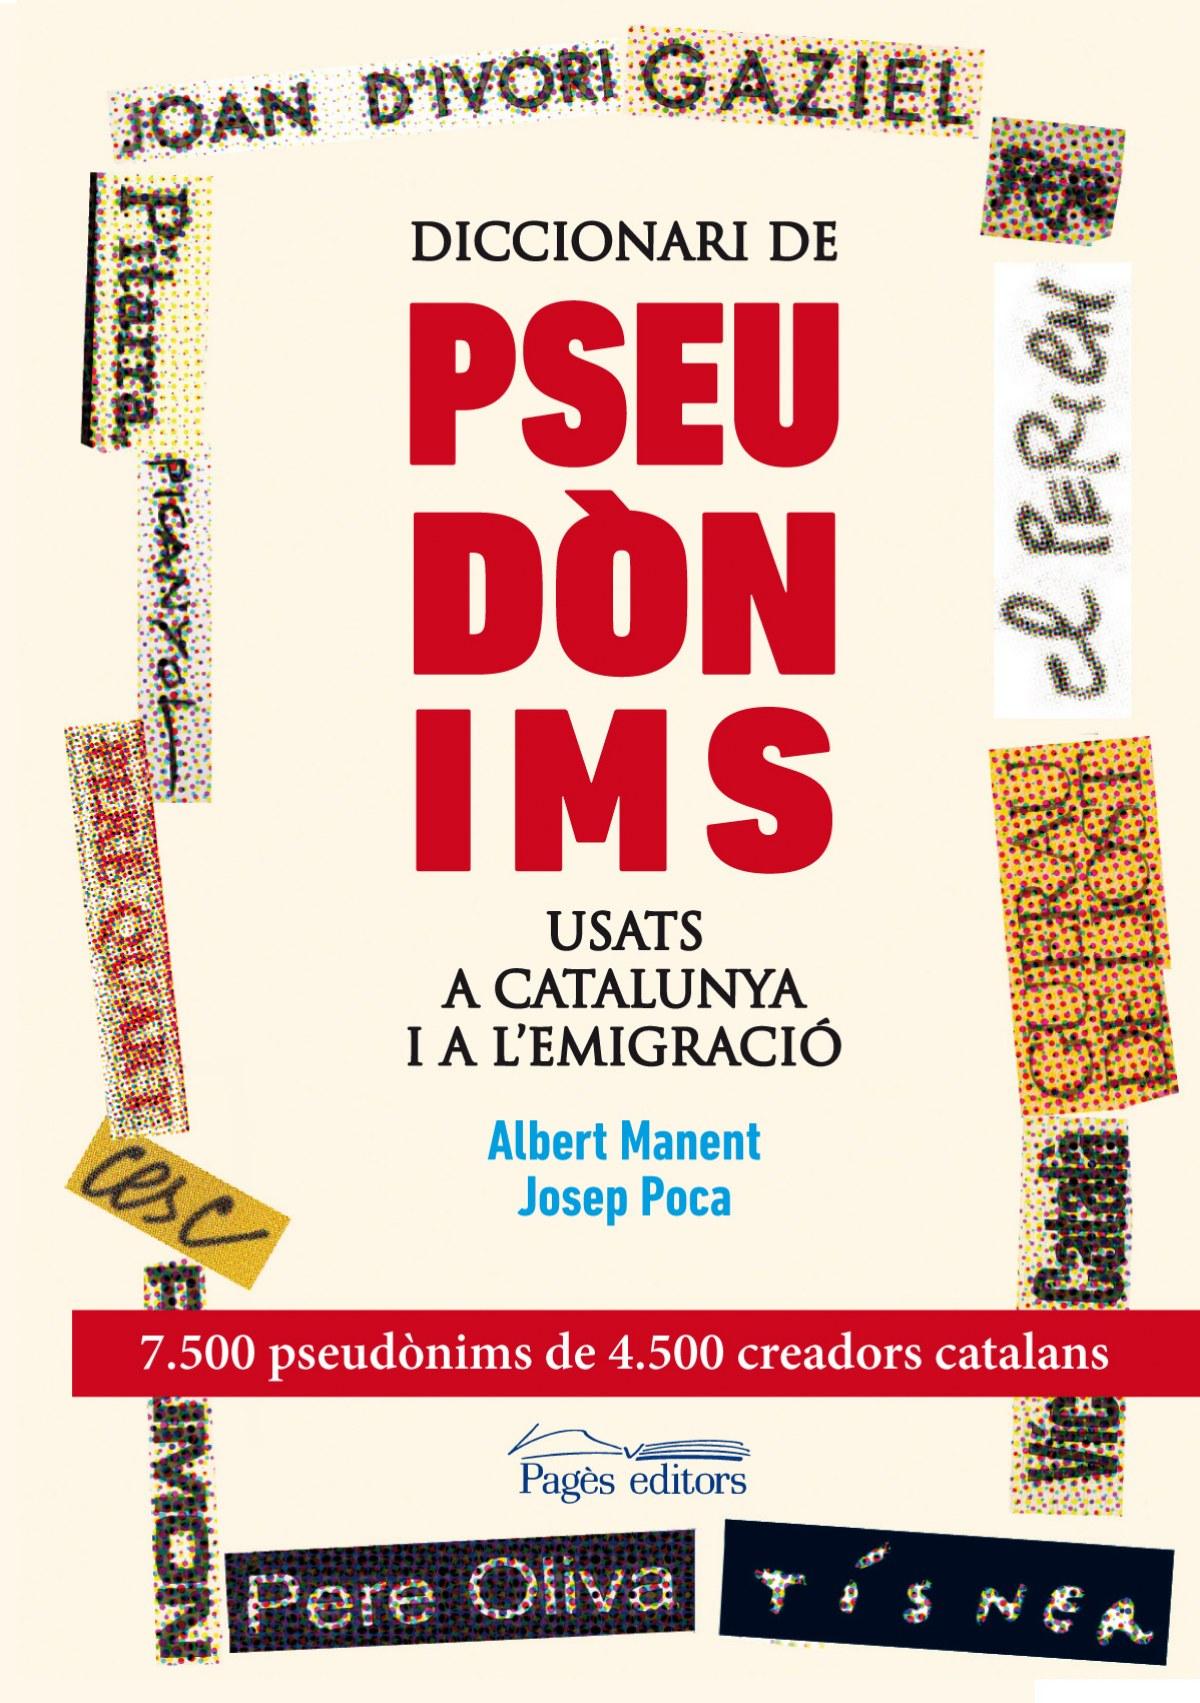 Diccionari de pseudònims usats a Catalunya i a l emigració 9788499753089